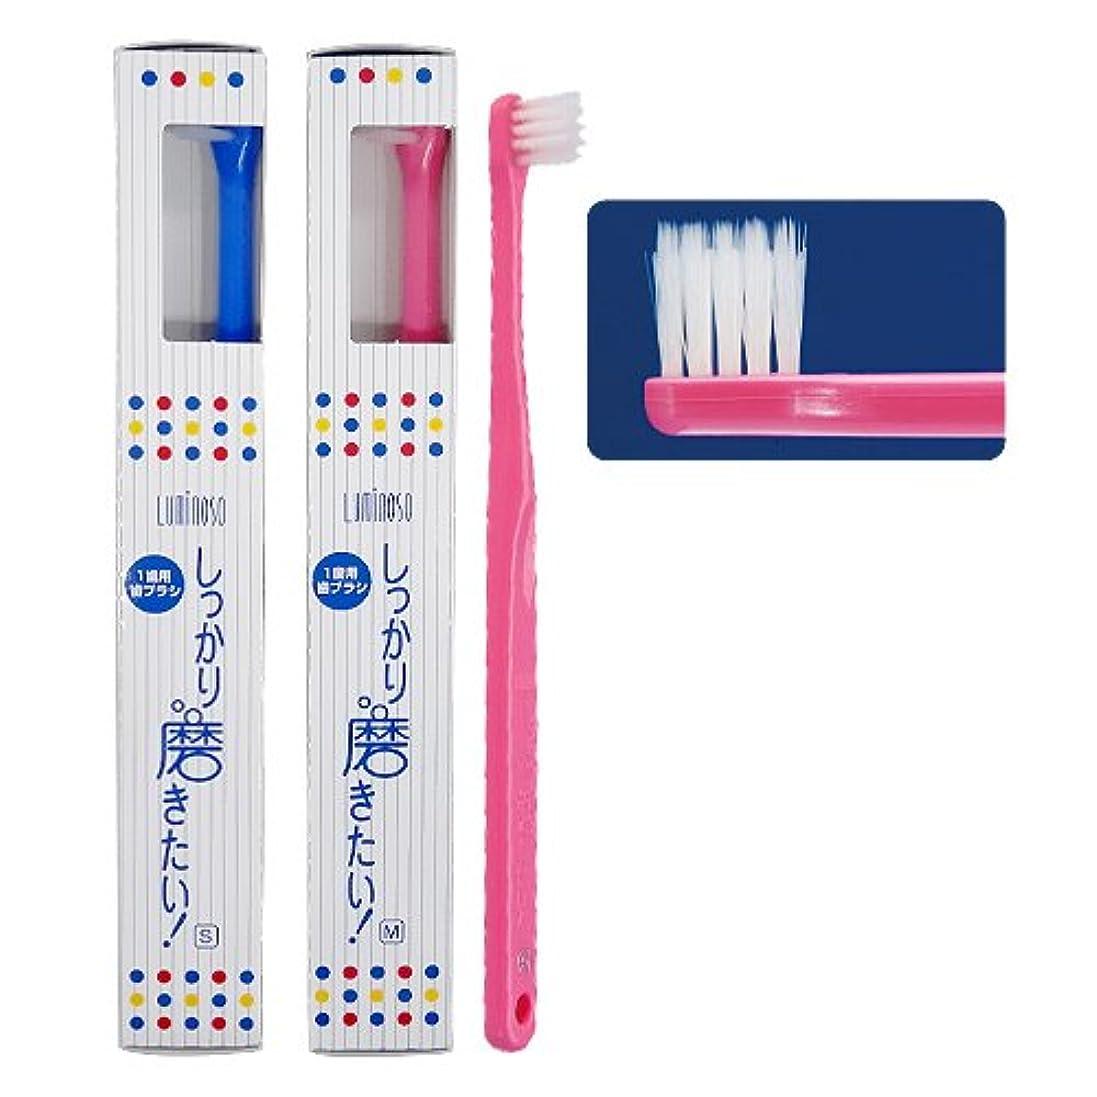 おばさんエンゲージメント戦艦ルミノソ 1歯用歯ブラシ「しっかり磨きたい!」スタンダード ソフト